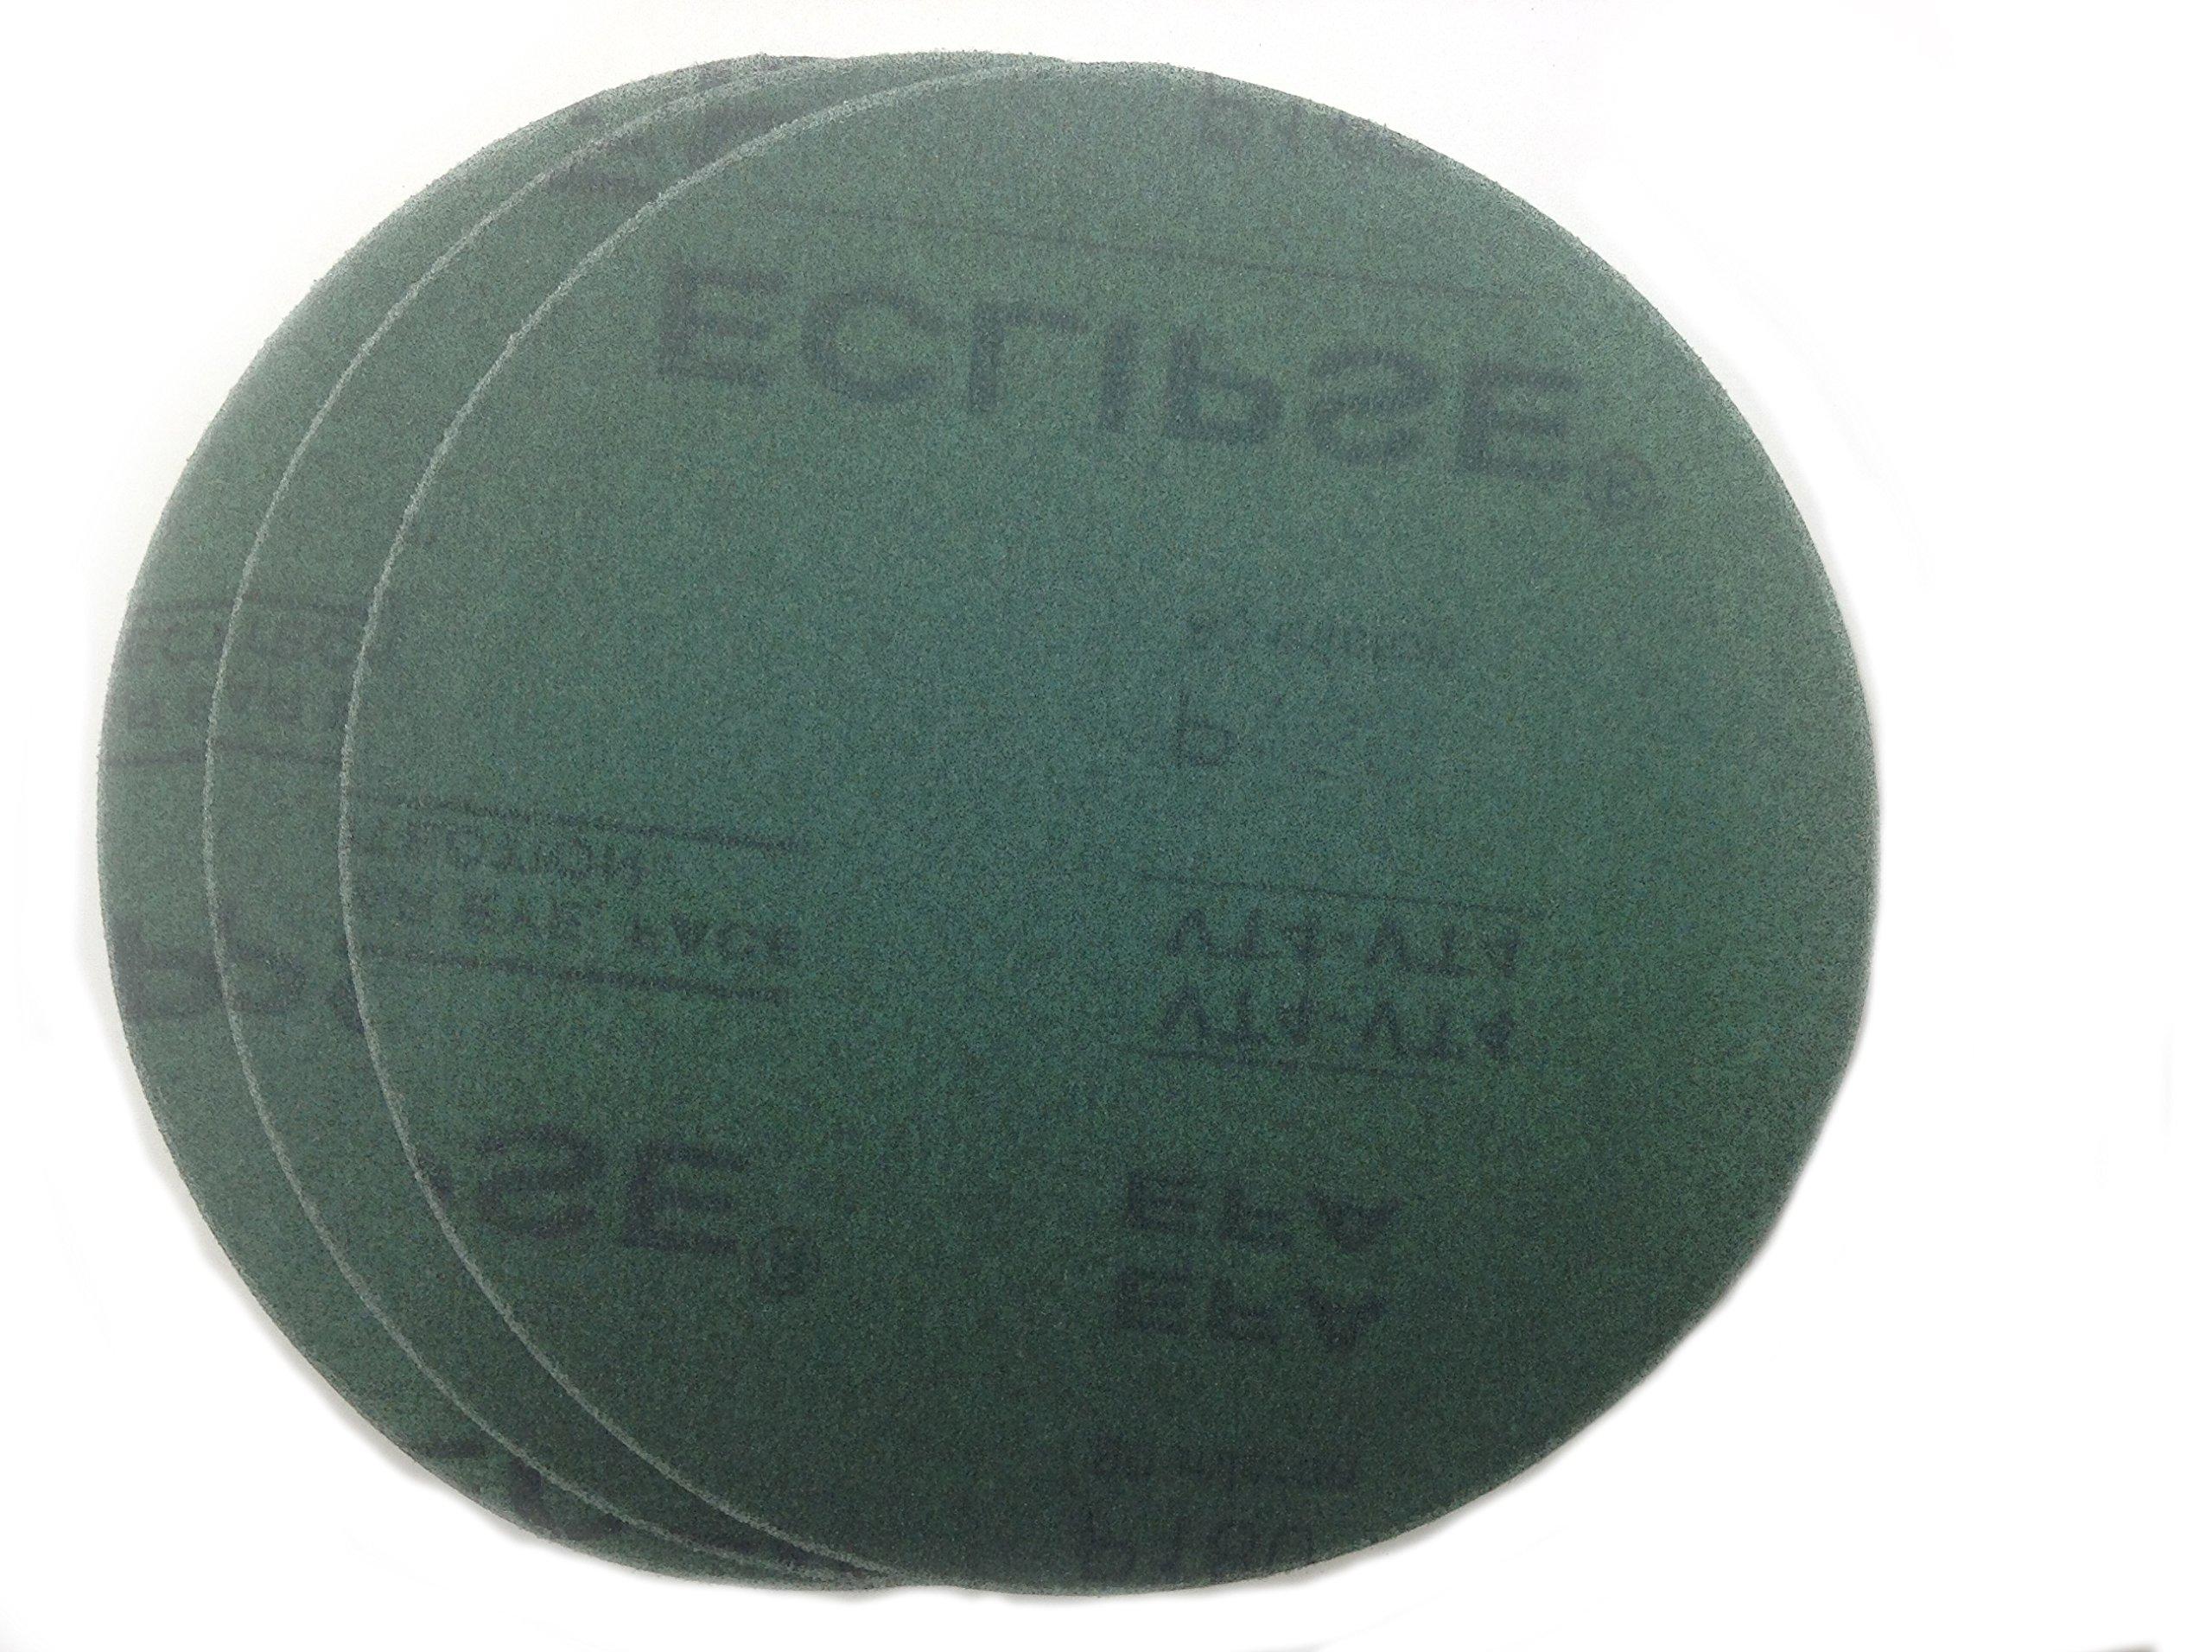 Sungold Abrasives 07874 Eclipse Film Hook & Loop Sanding Discs For Gem Sanders 60 Micron Bulk 20 Pack, 11-1/4'',